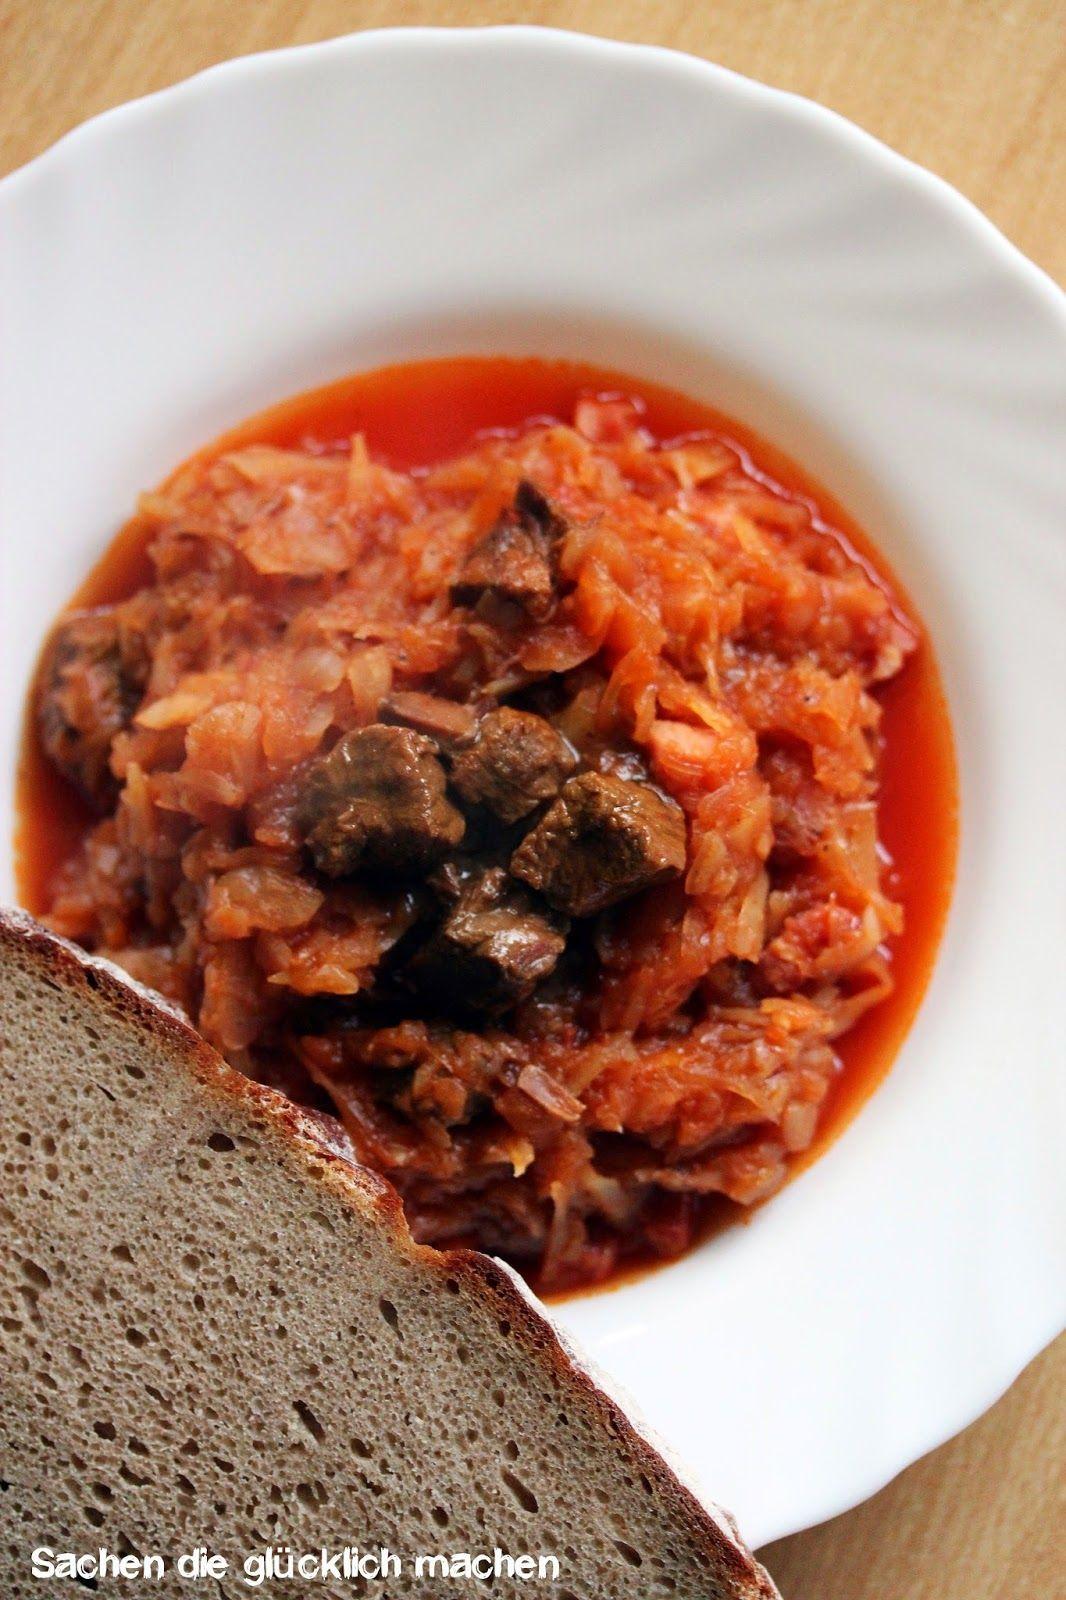 polnische Küche, oberschlesien, Bigos, Sauerkraut, Weißkohl #bigosrezeptpolnisch polnische Küche, oberschlesien, Bigos, Sauerkraut, Weißkohl #bigosrezeptpolnisch